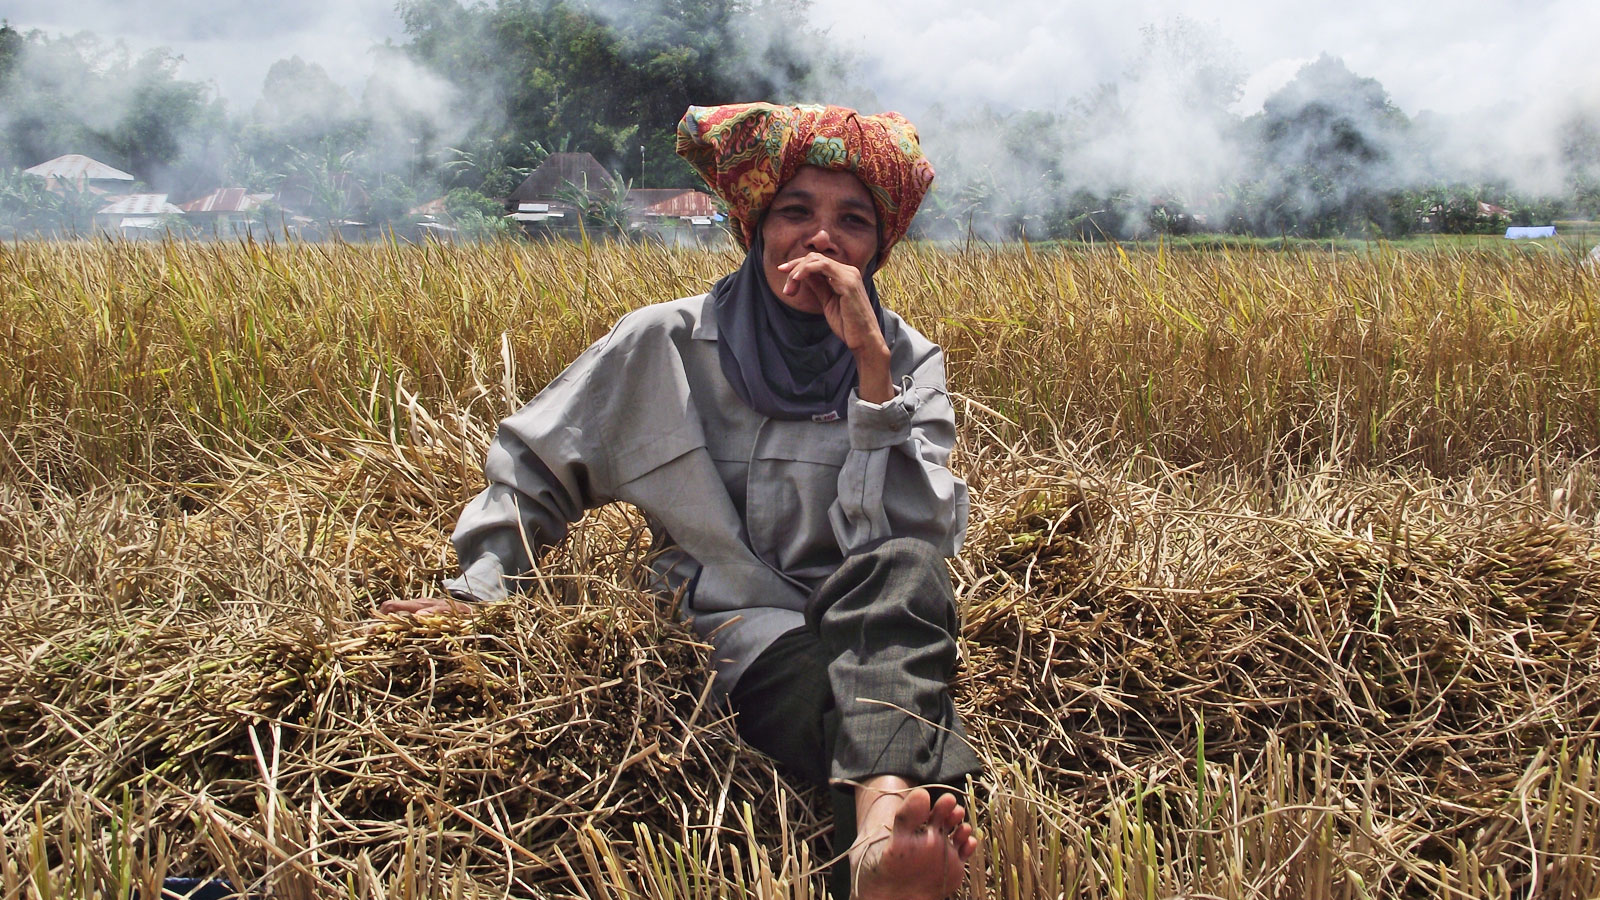 Harau Valley Sumatra Erlebnisreise traveljunkies